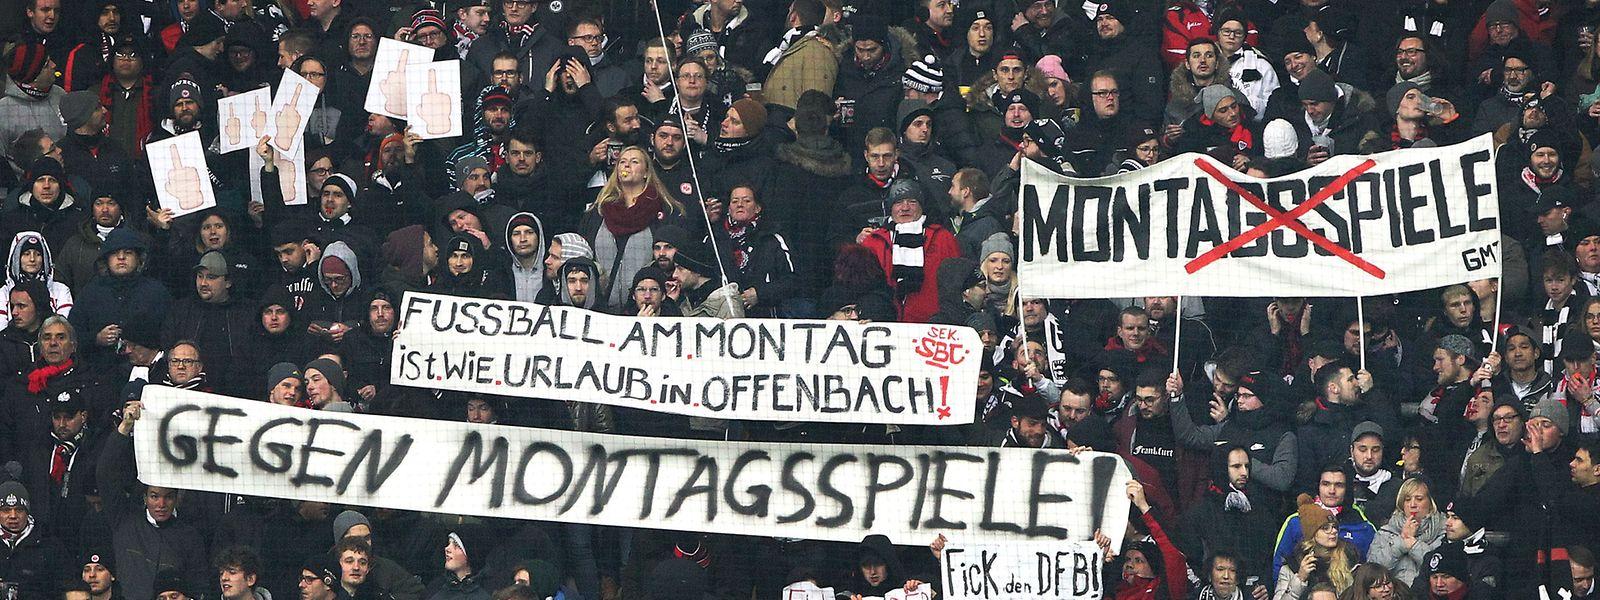 In Deutschland gelang den Fans ein Achtungserfolg.